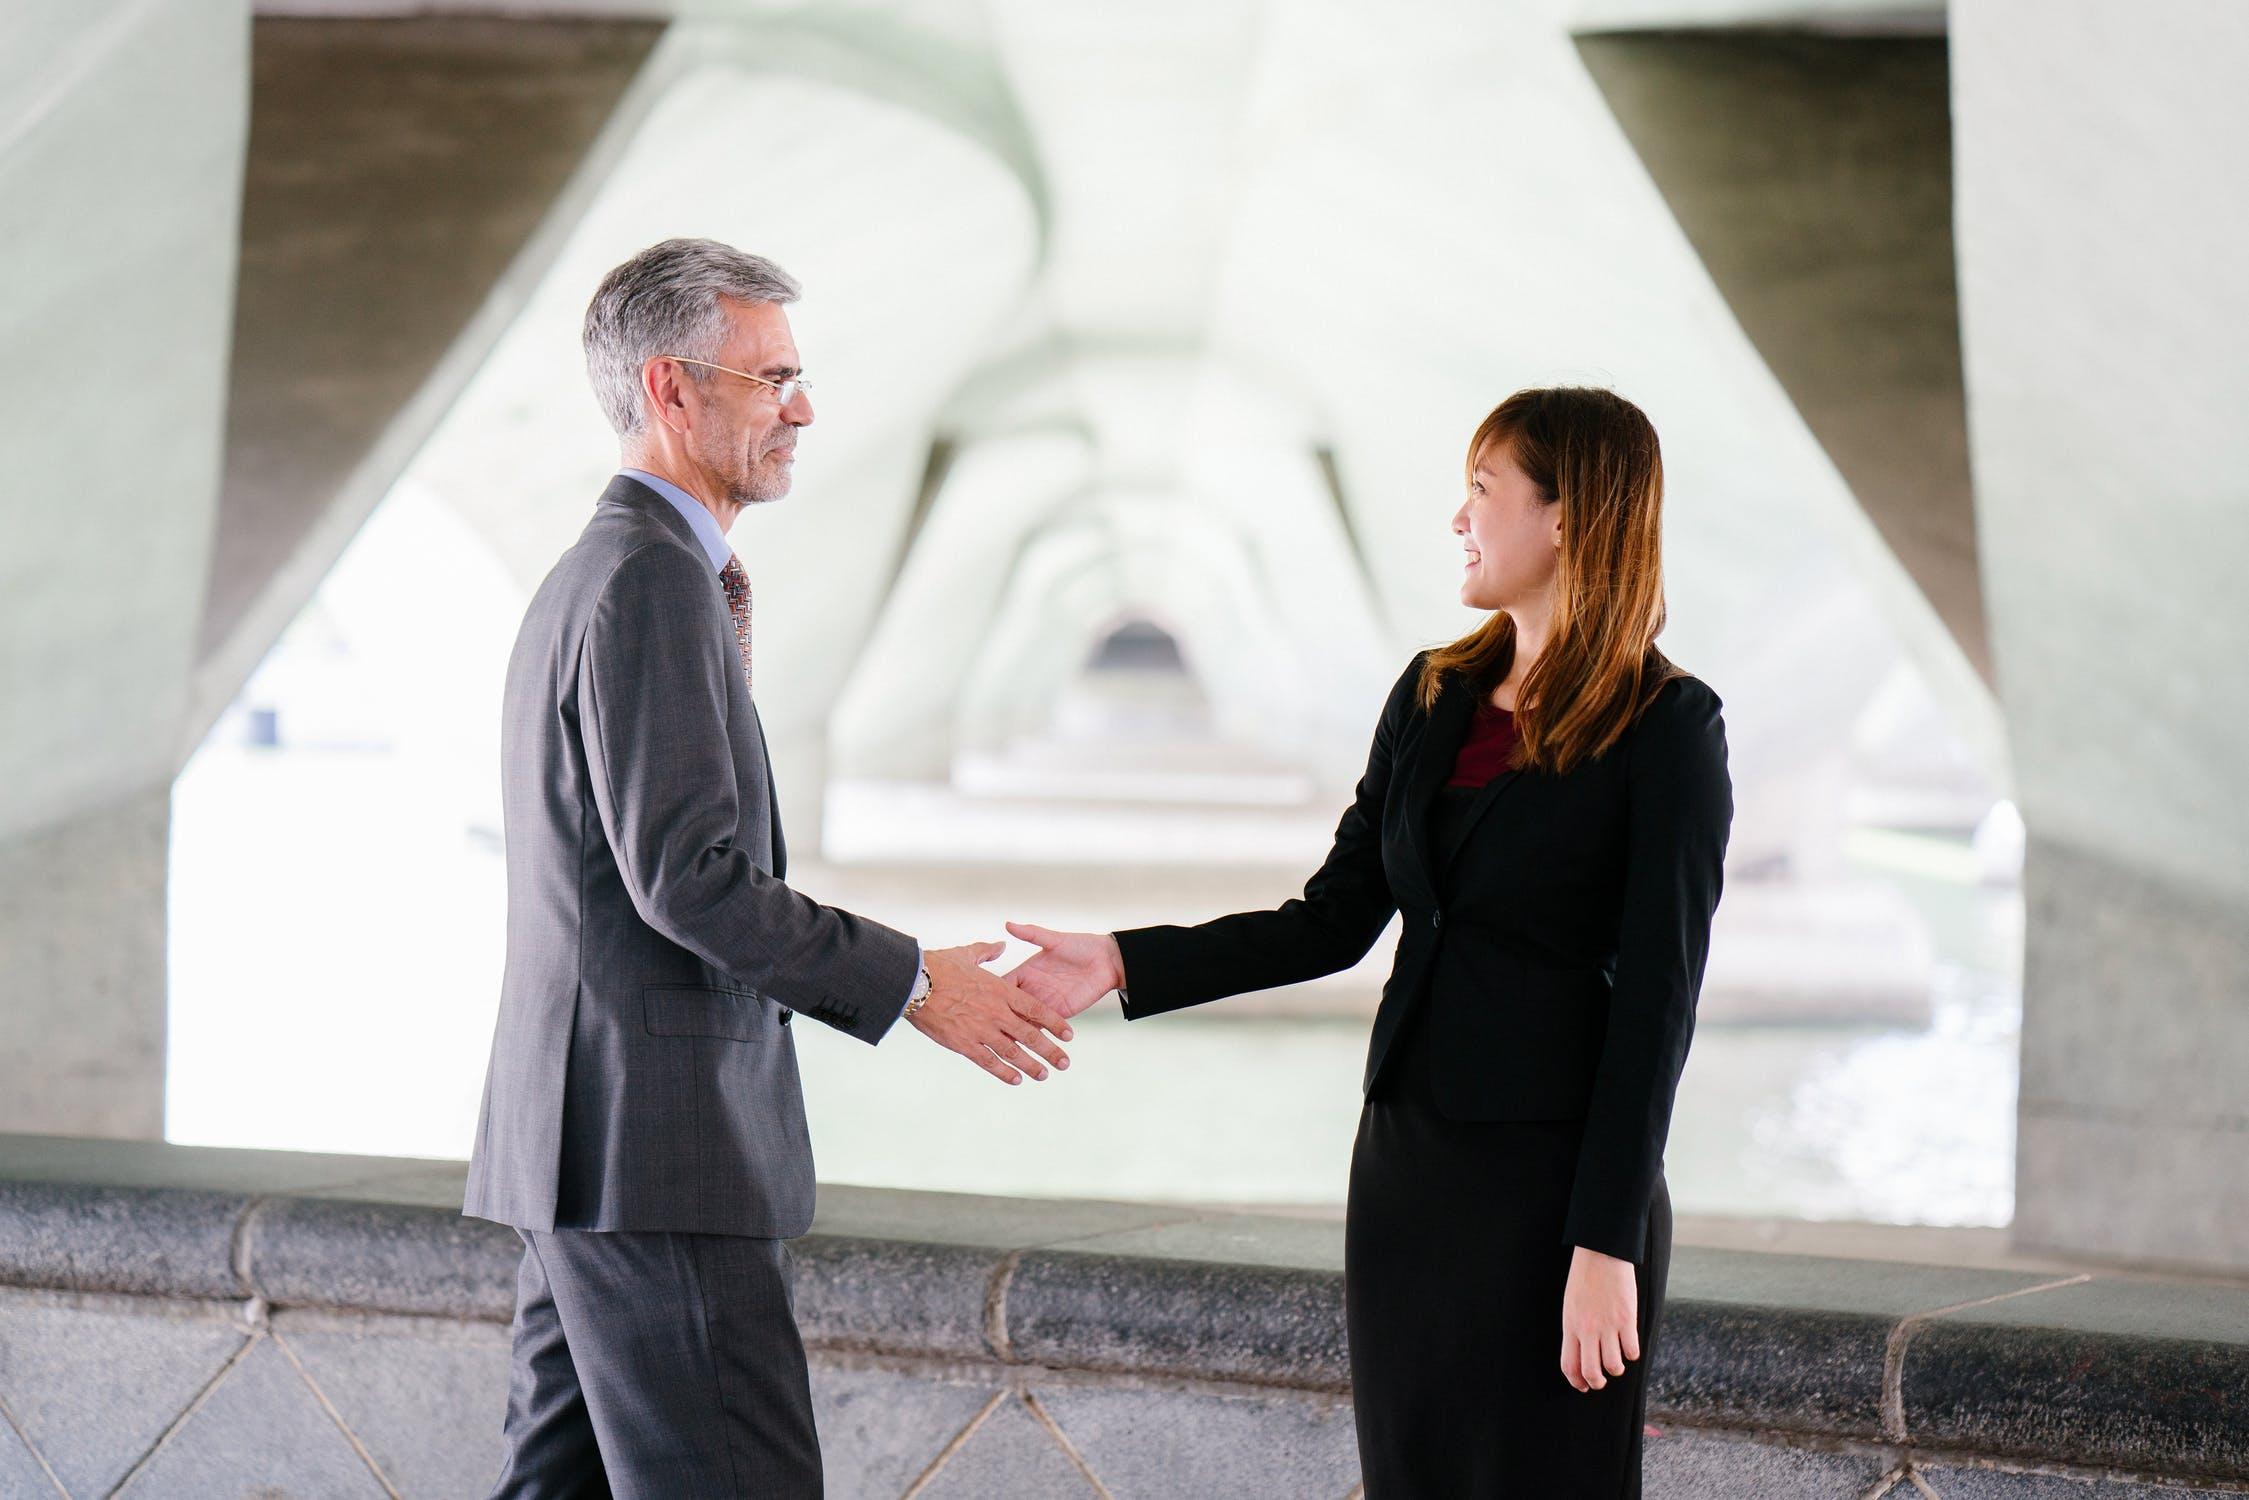 Dlaczego młody handlowiec ma trudności w pracy z wymagającym klientem?